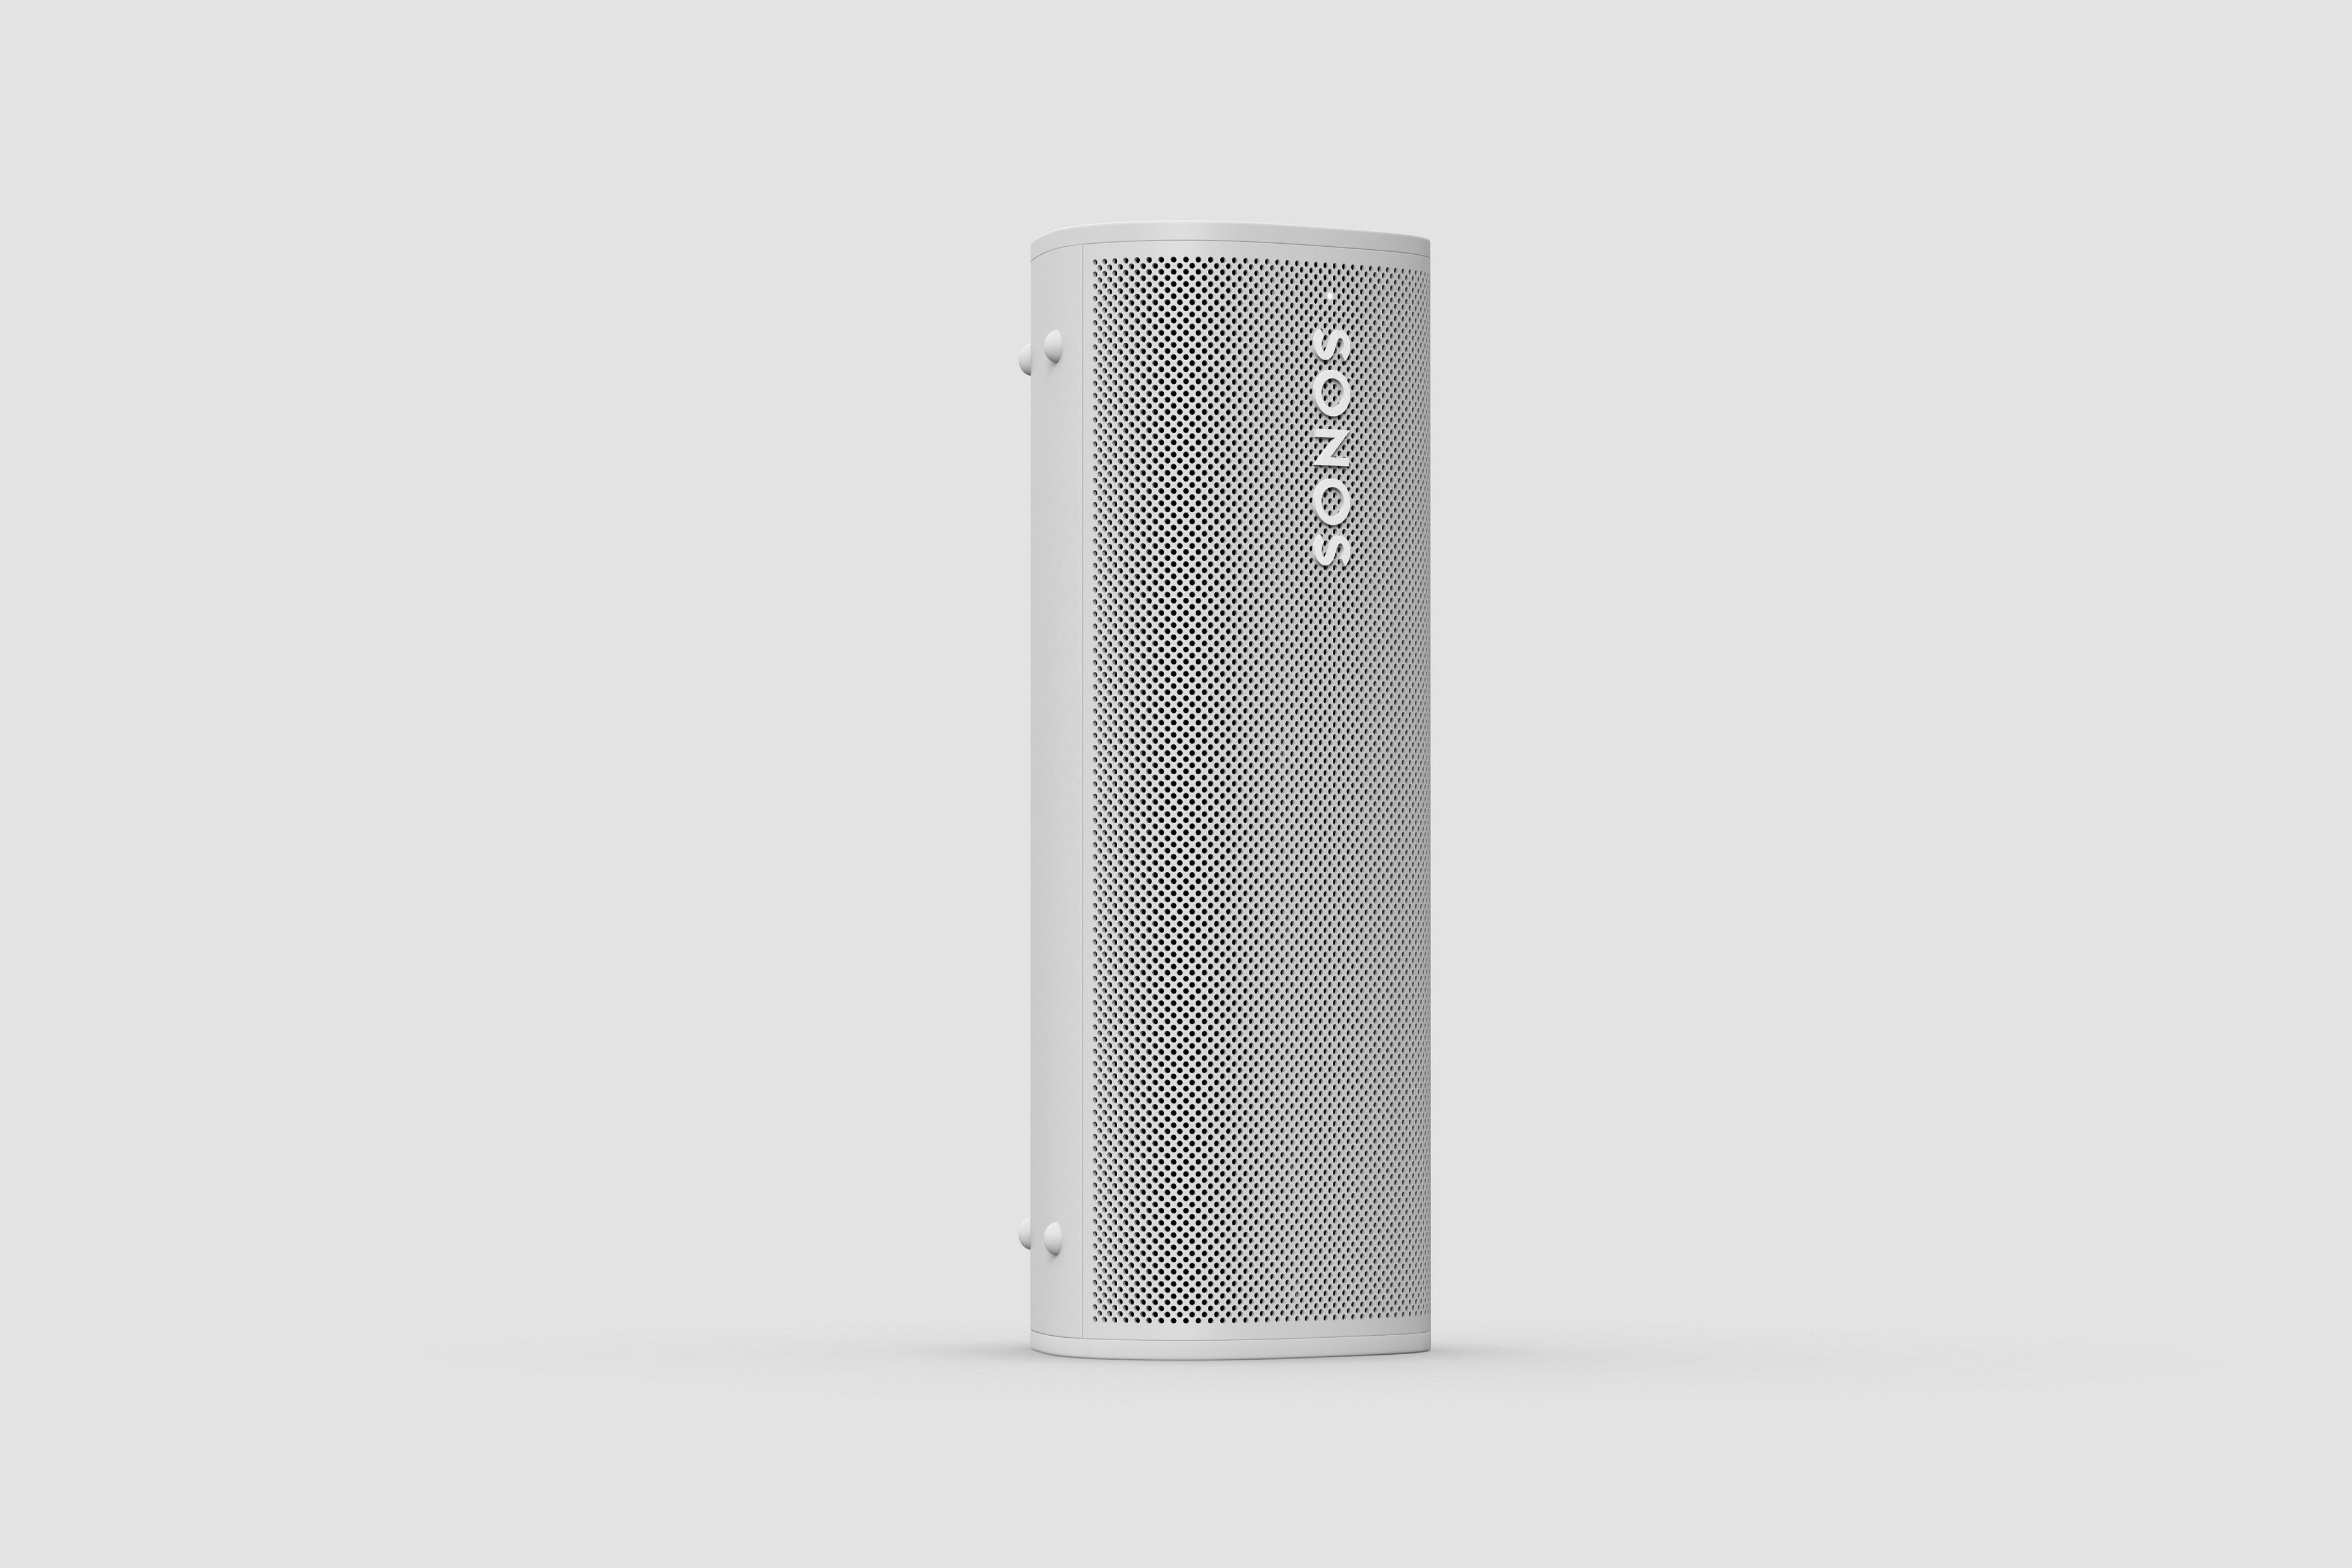 Sonos Roam en blanc.  (Photo: Sonos)